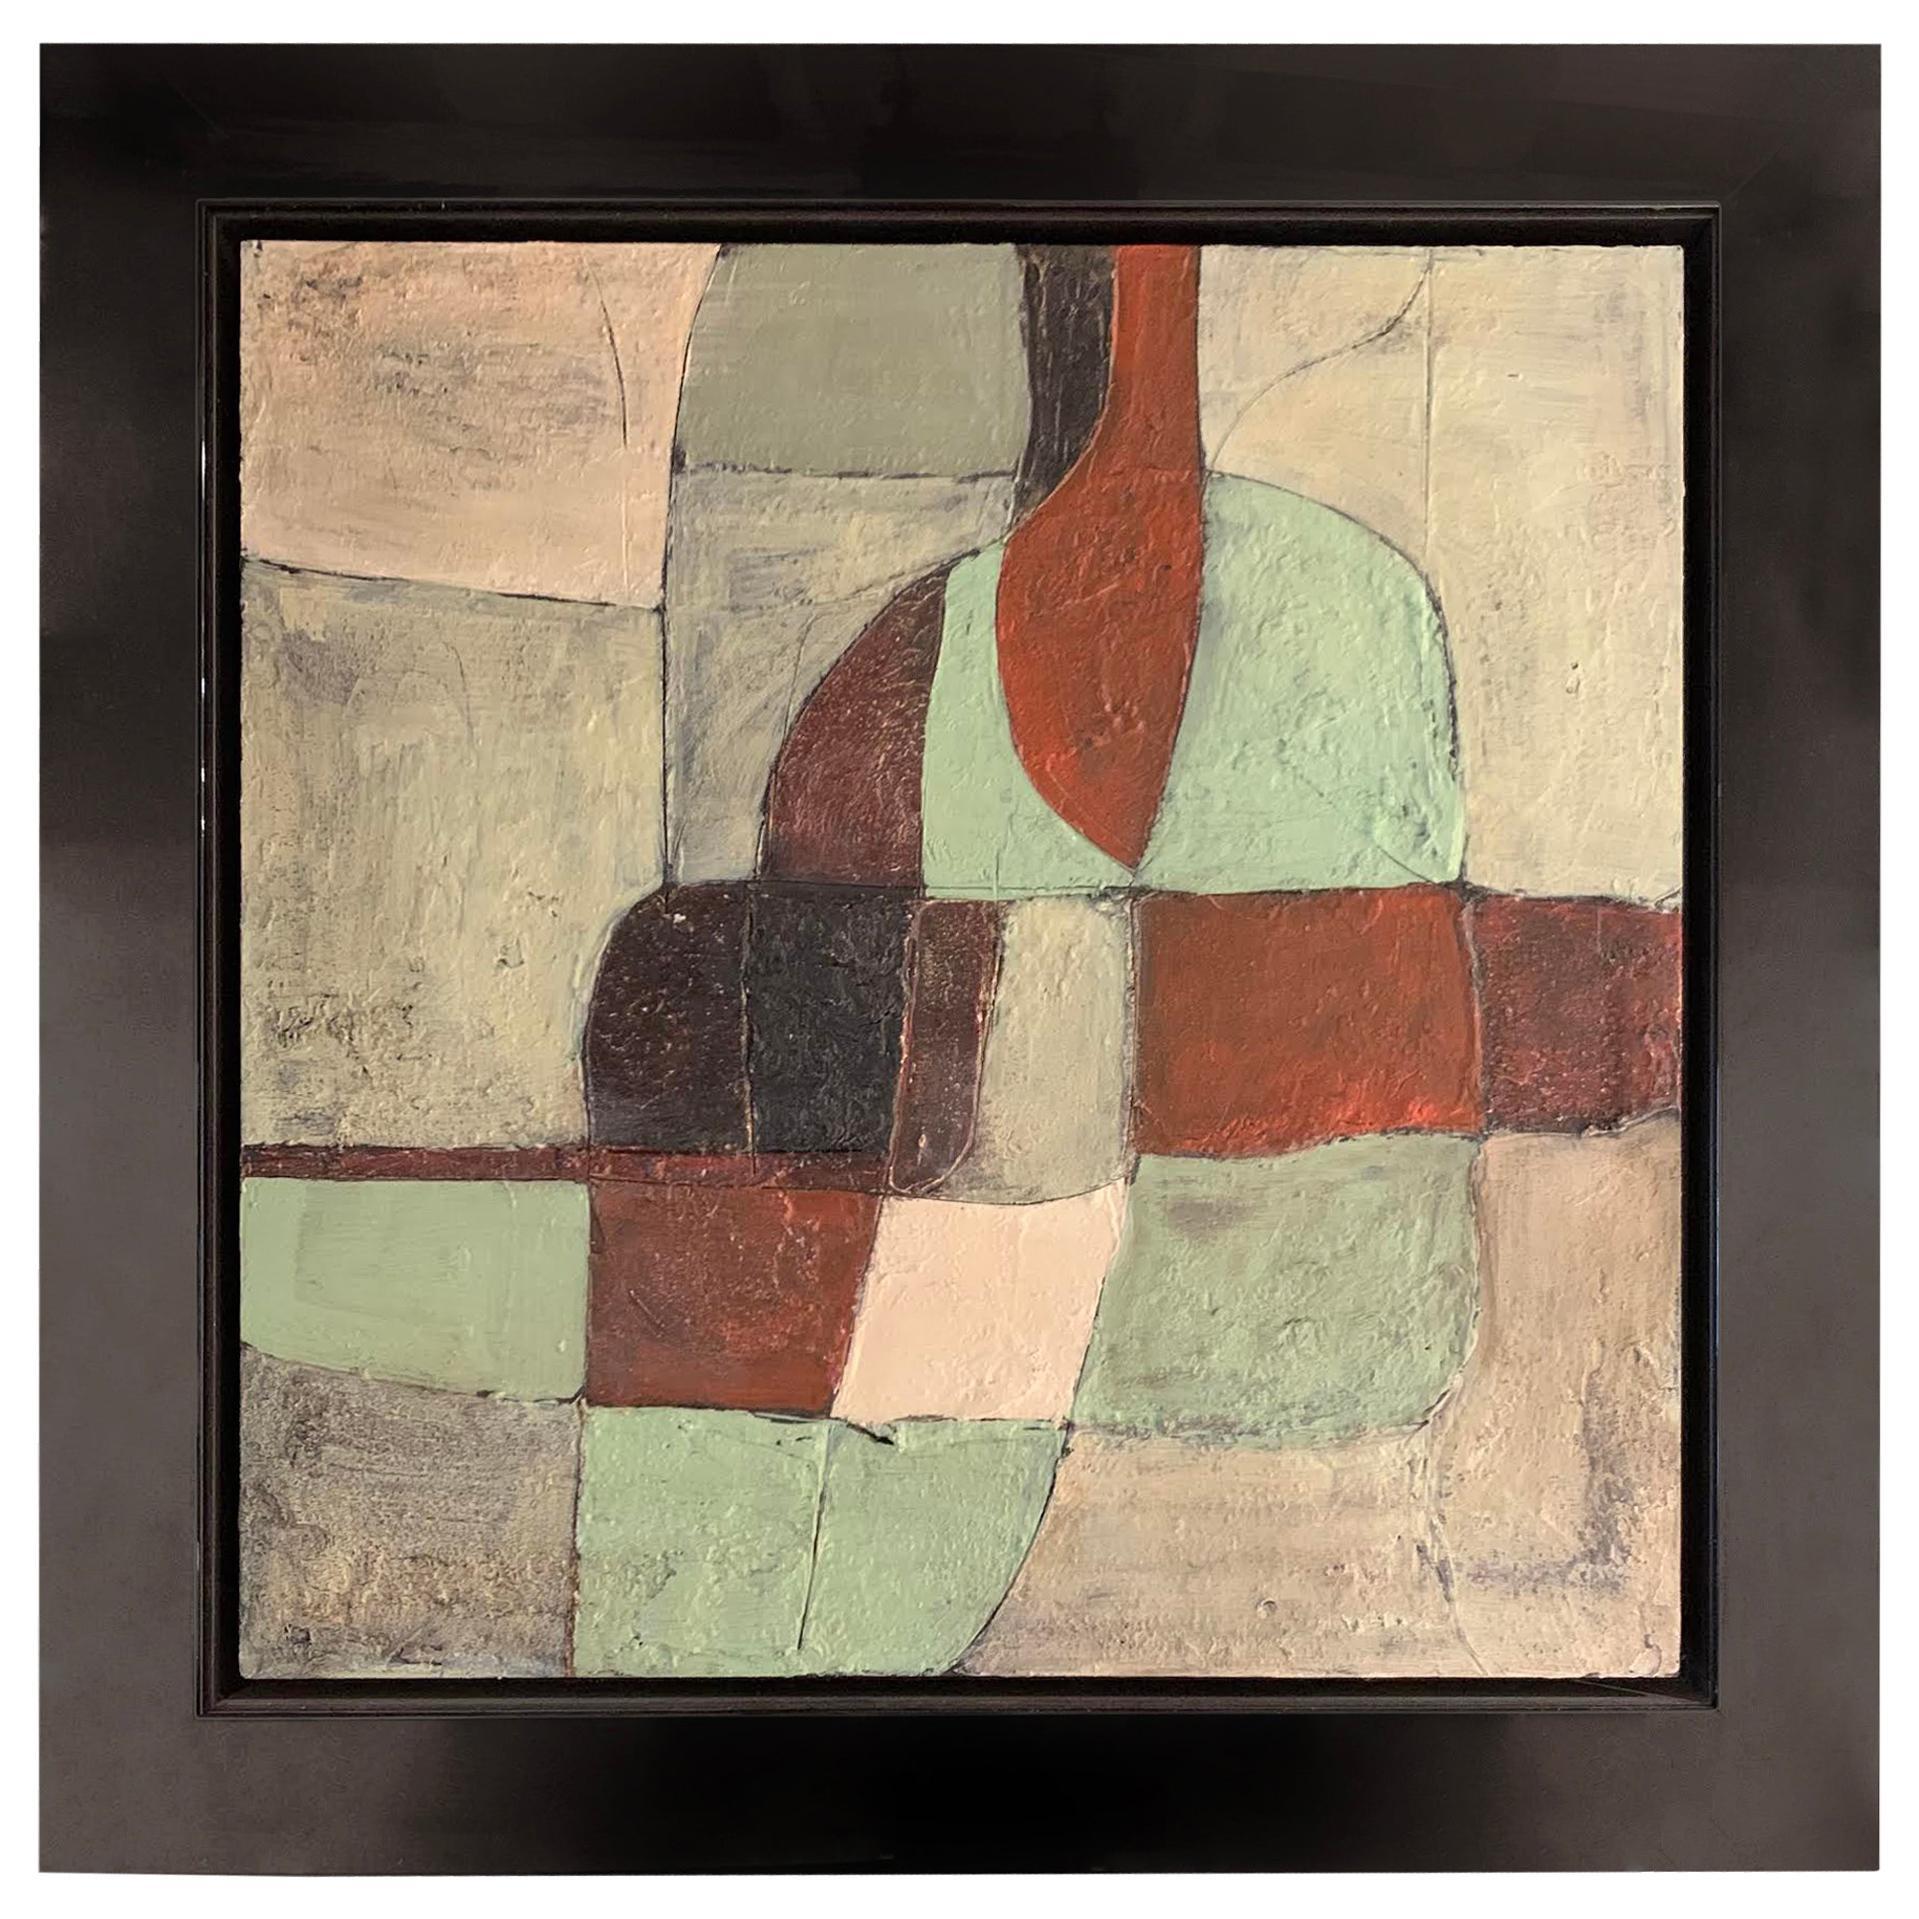 Green, Rust, Black Painting by Artist Santiago Castillo, Spain, Contemporary